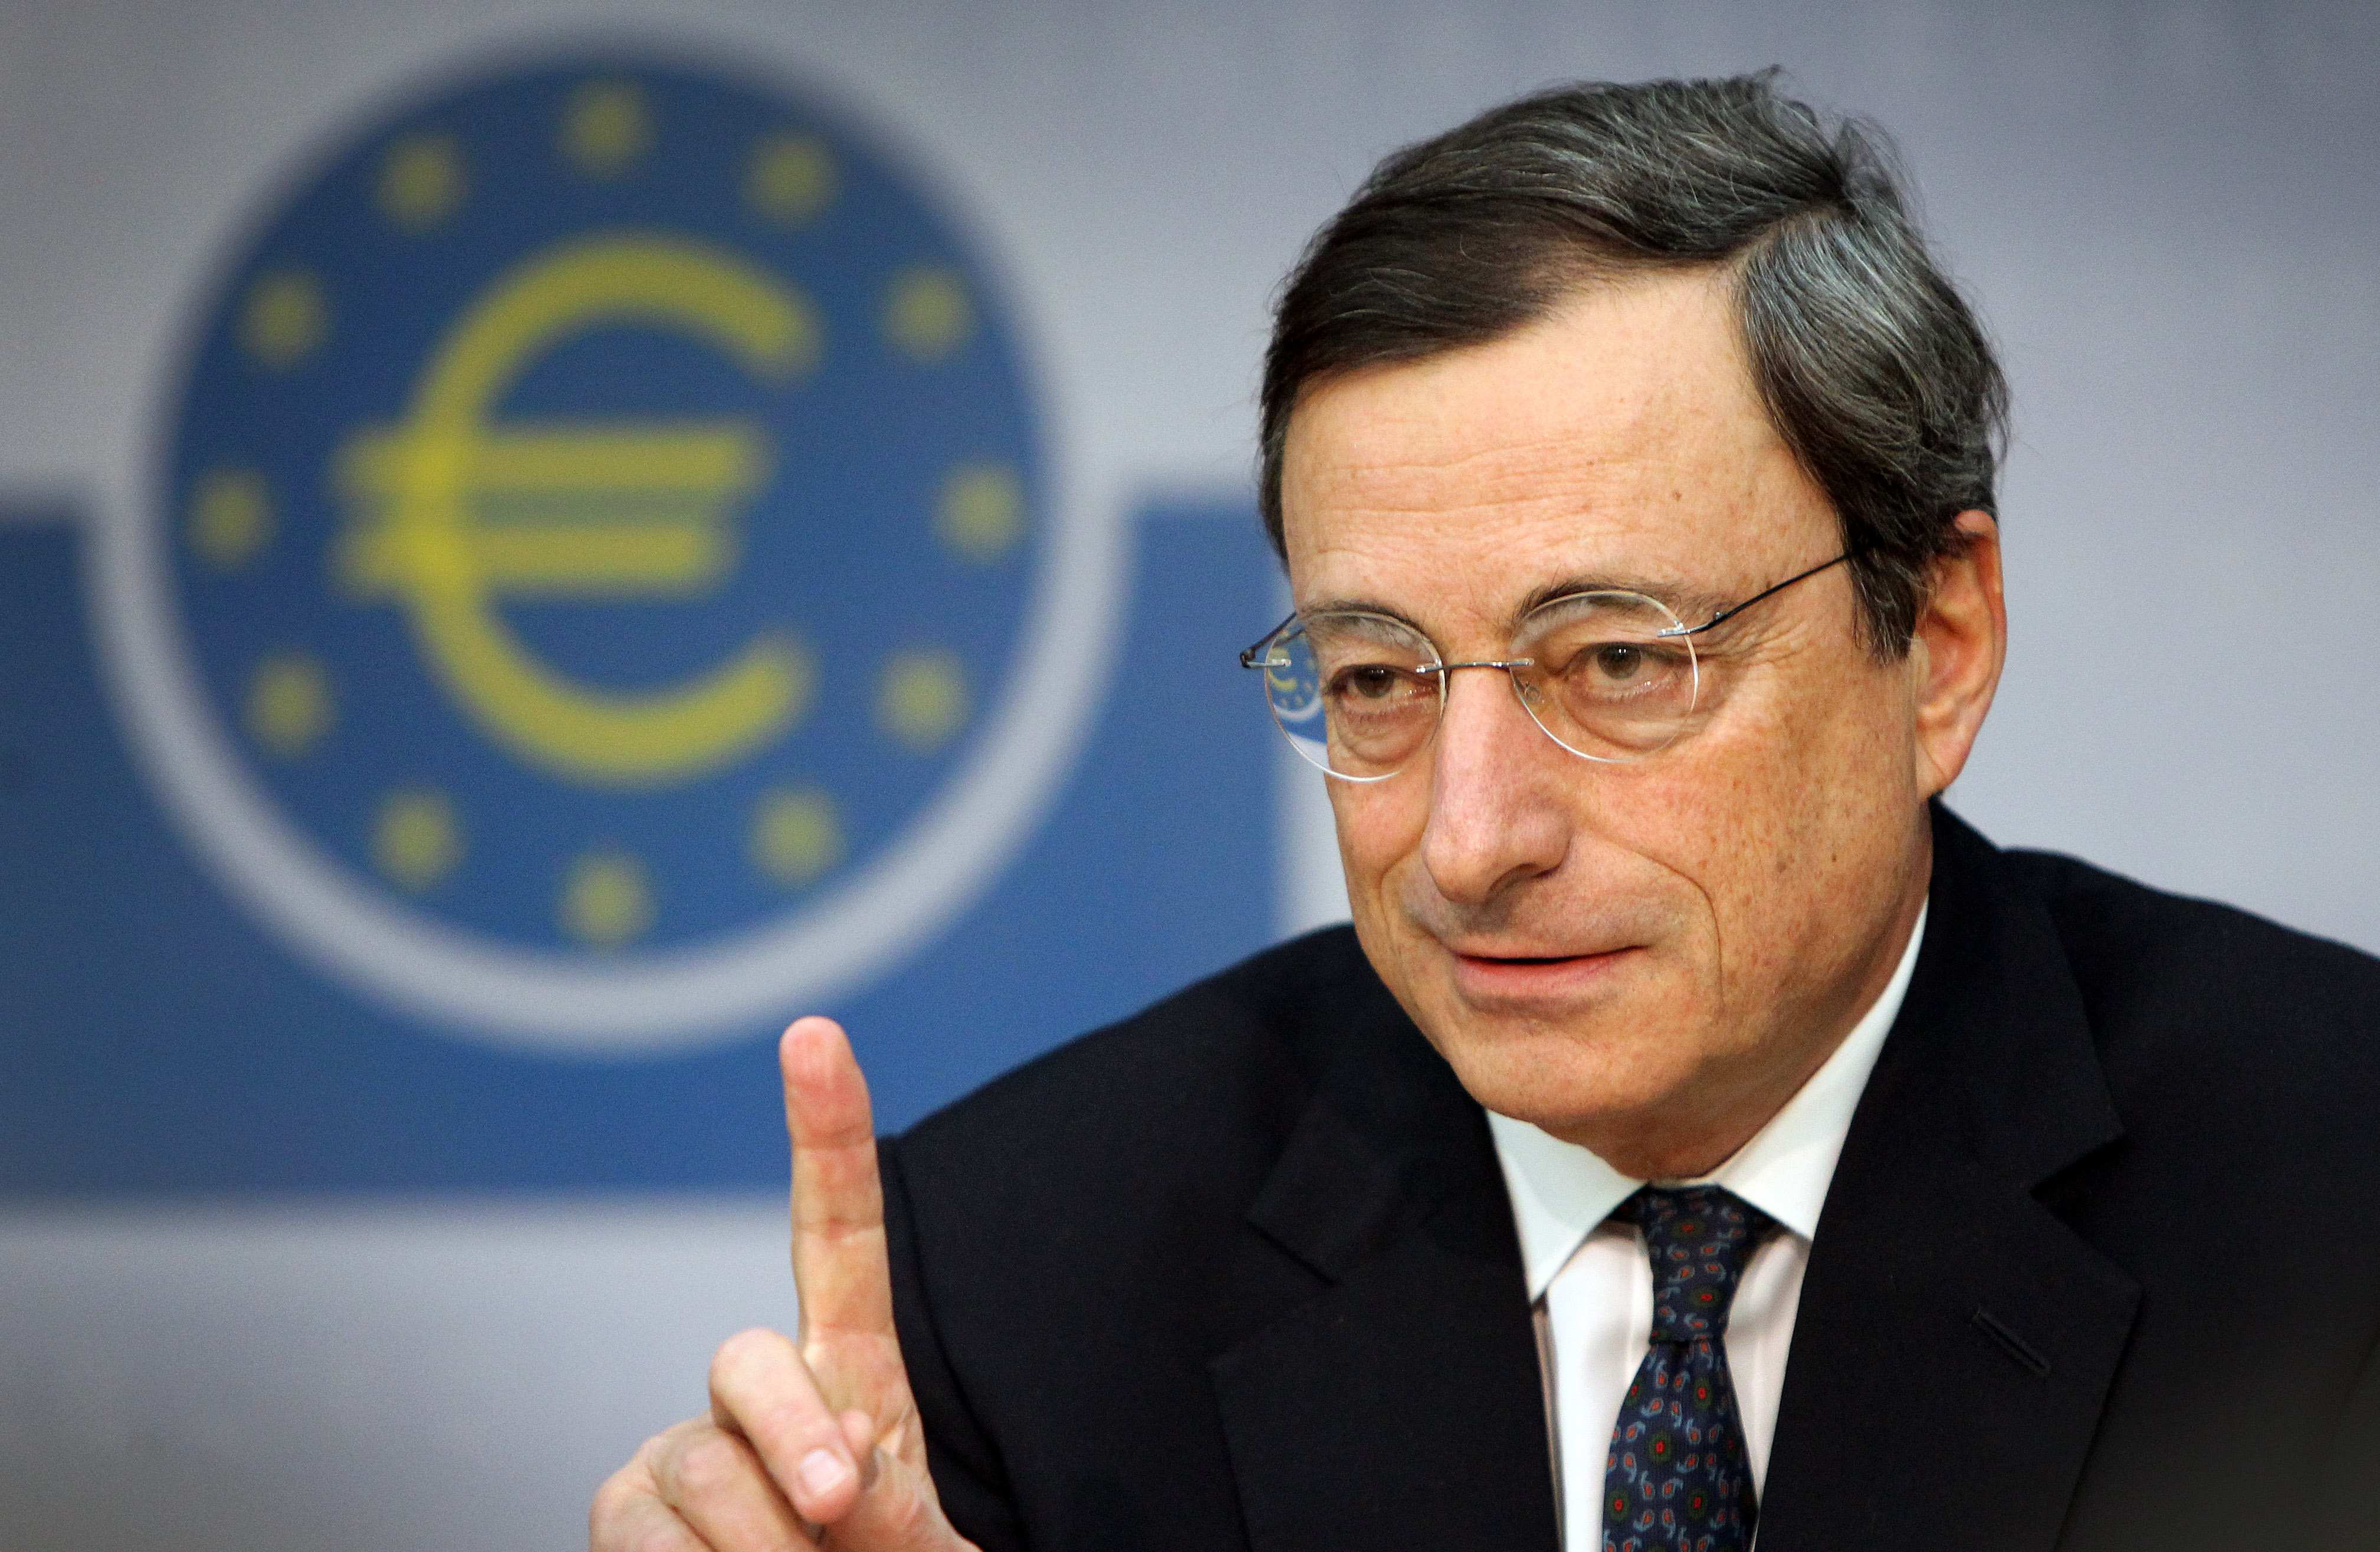 Draghi dito - Draghi: causa disoccupazione si rischiano proteste distruttive